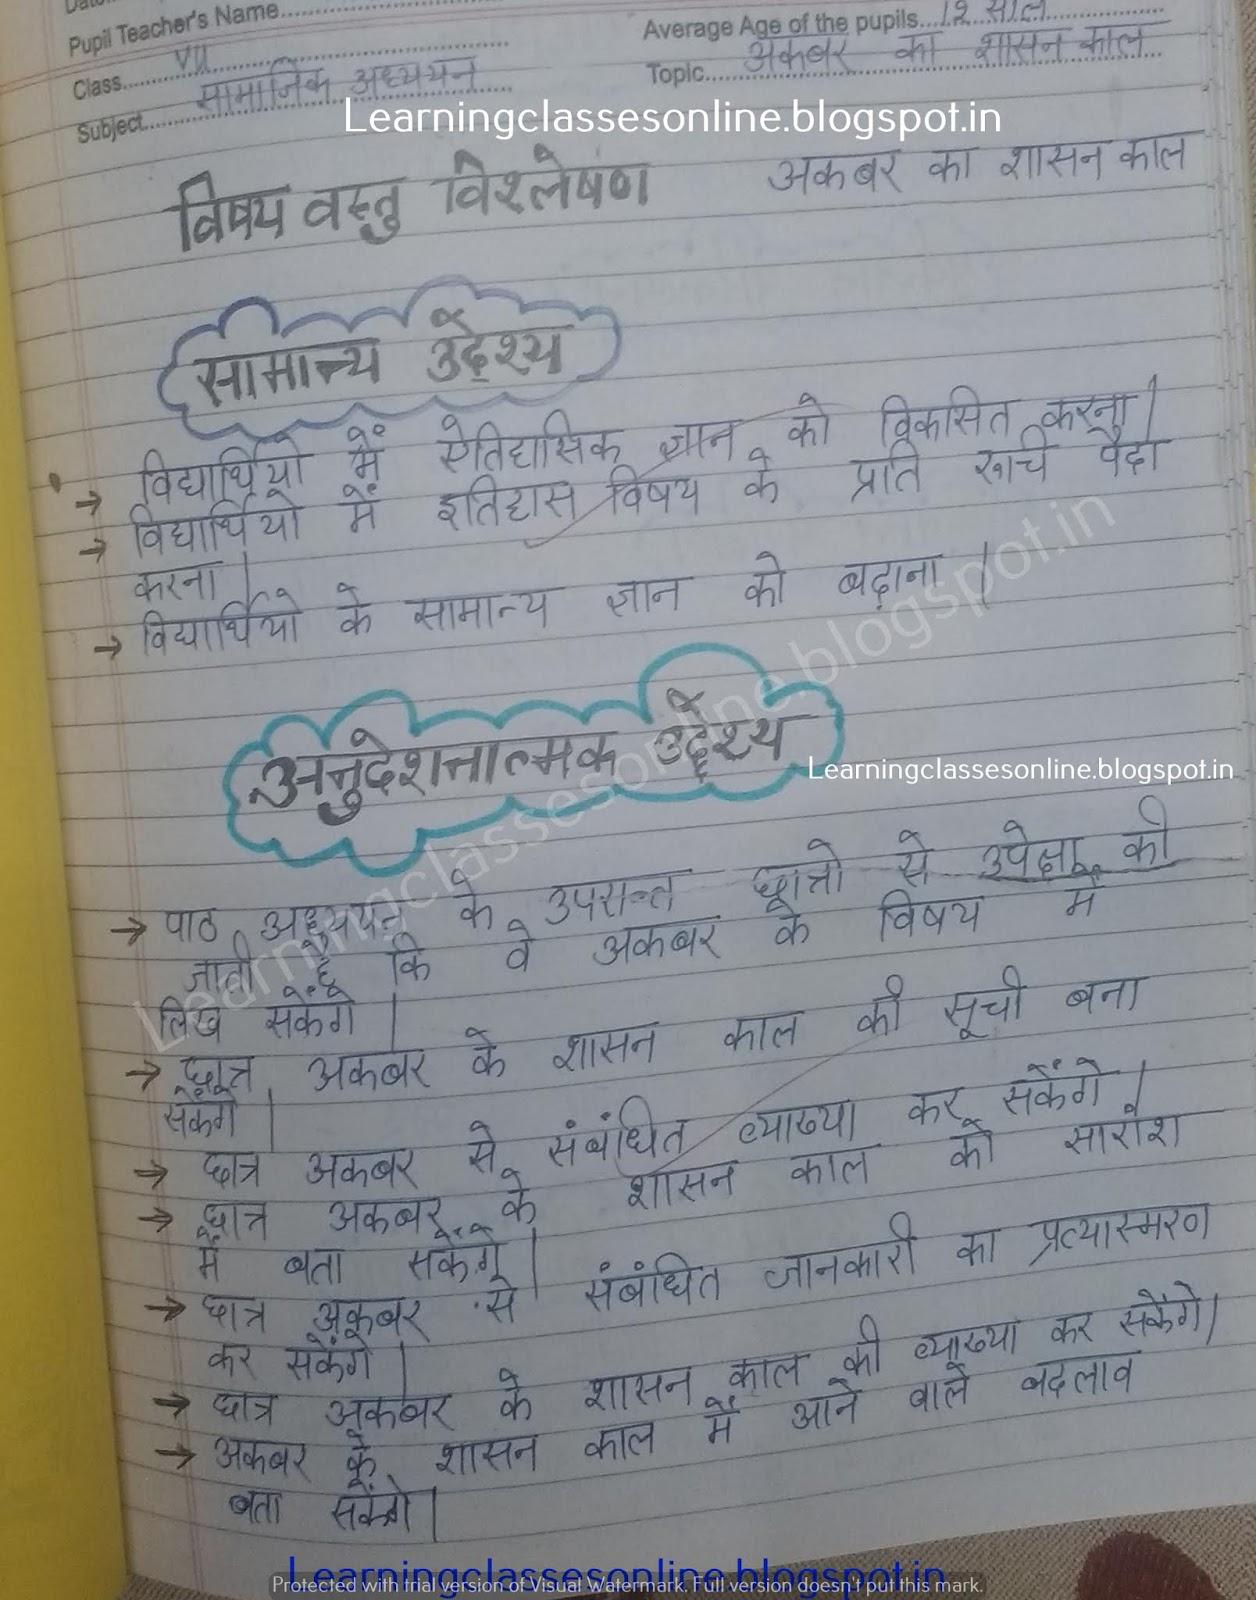 अकबर का शासन काल  Social Studies Lesson Plan in Hindi, पाठ योजना सामाजिक विज्ञान, पाठ योजना सामाजिक विज्ञान कक्षा,